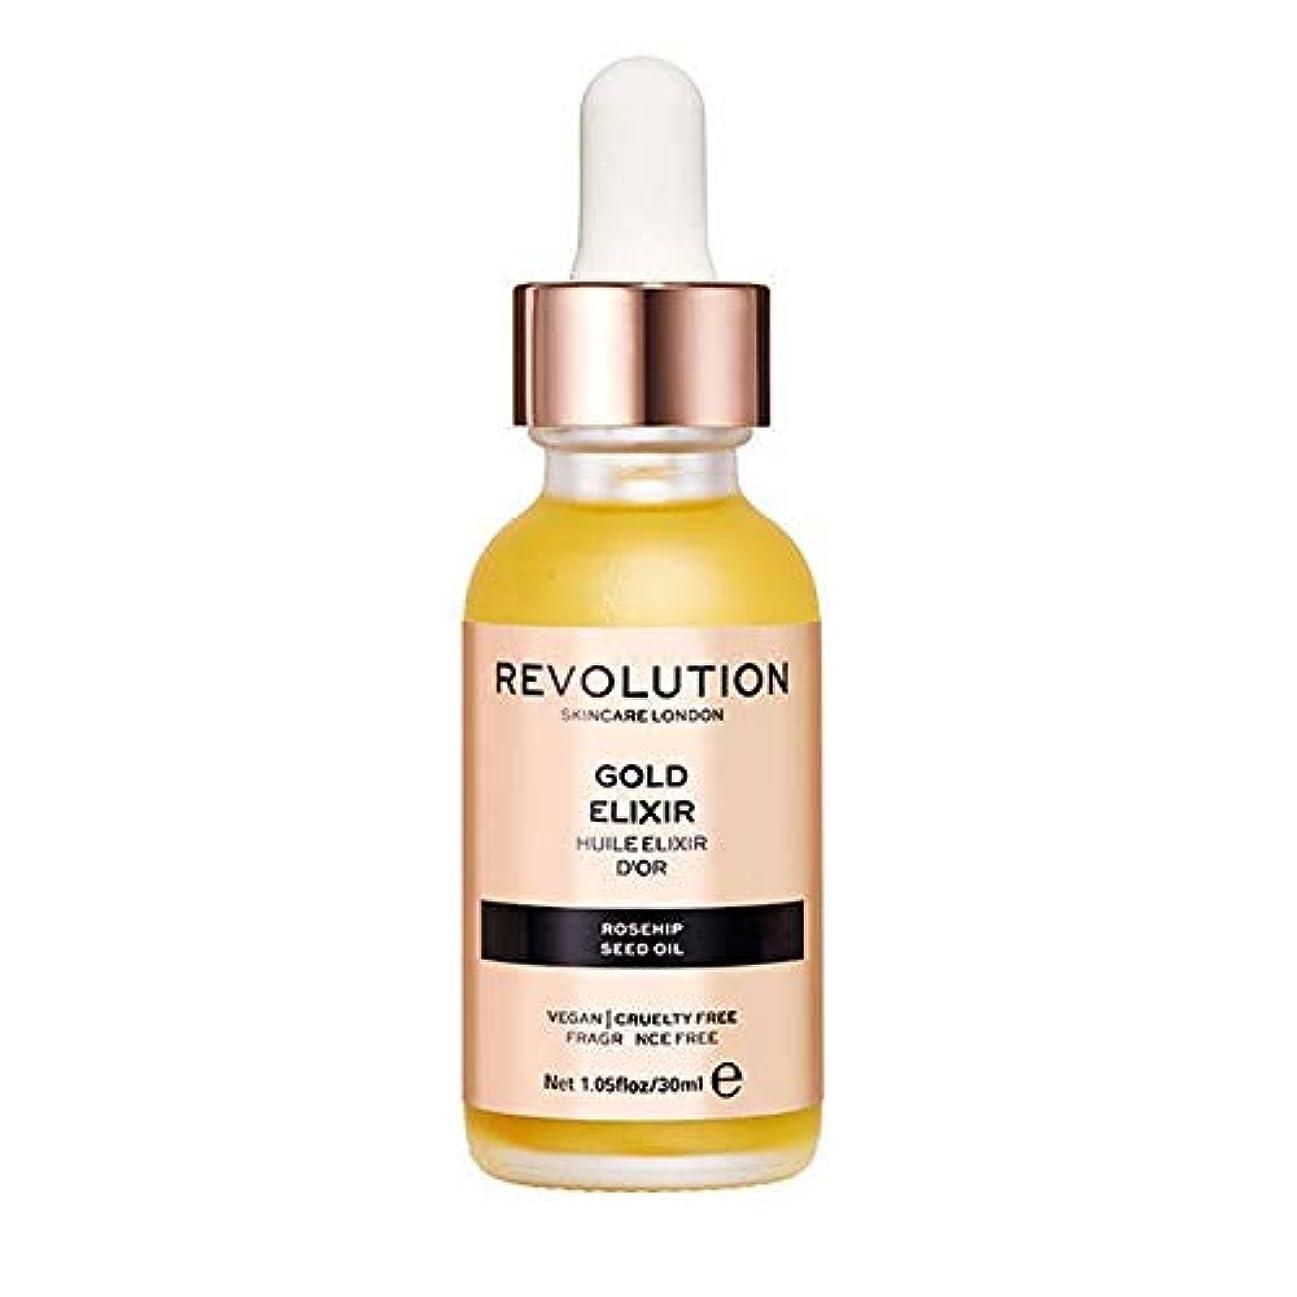 類似性公爵フィットネス[Revolution] 革命スキンケアローズヒップシードオイル - ゴールドエリクサー - Revolution Skincare Rosehip Seed Oil - Gold Elixir [並行輸入品]